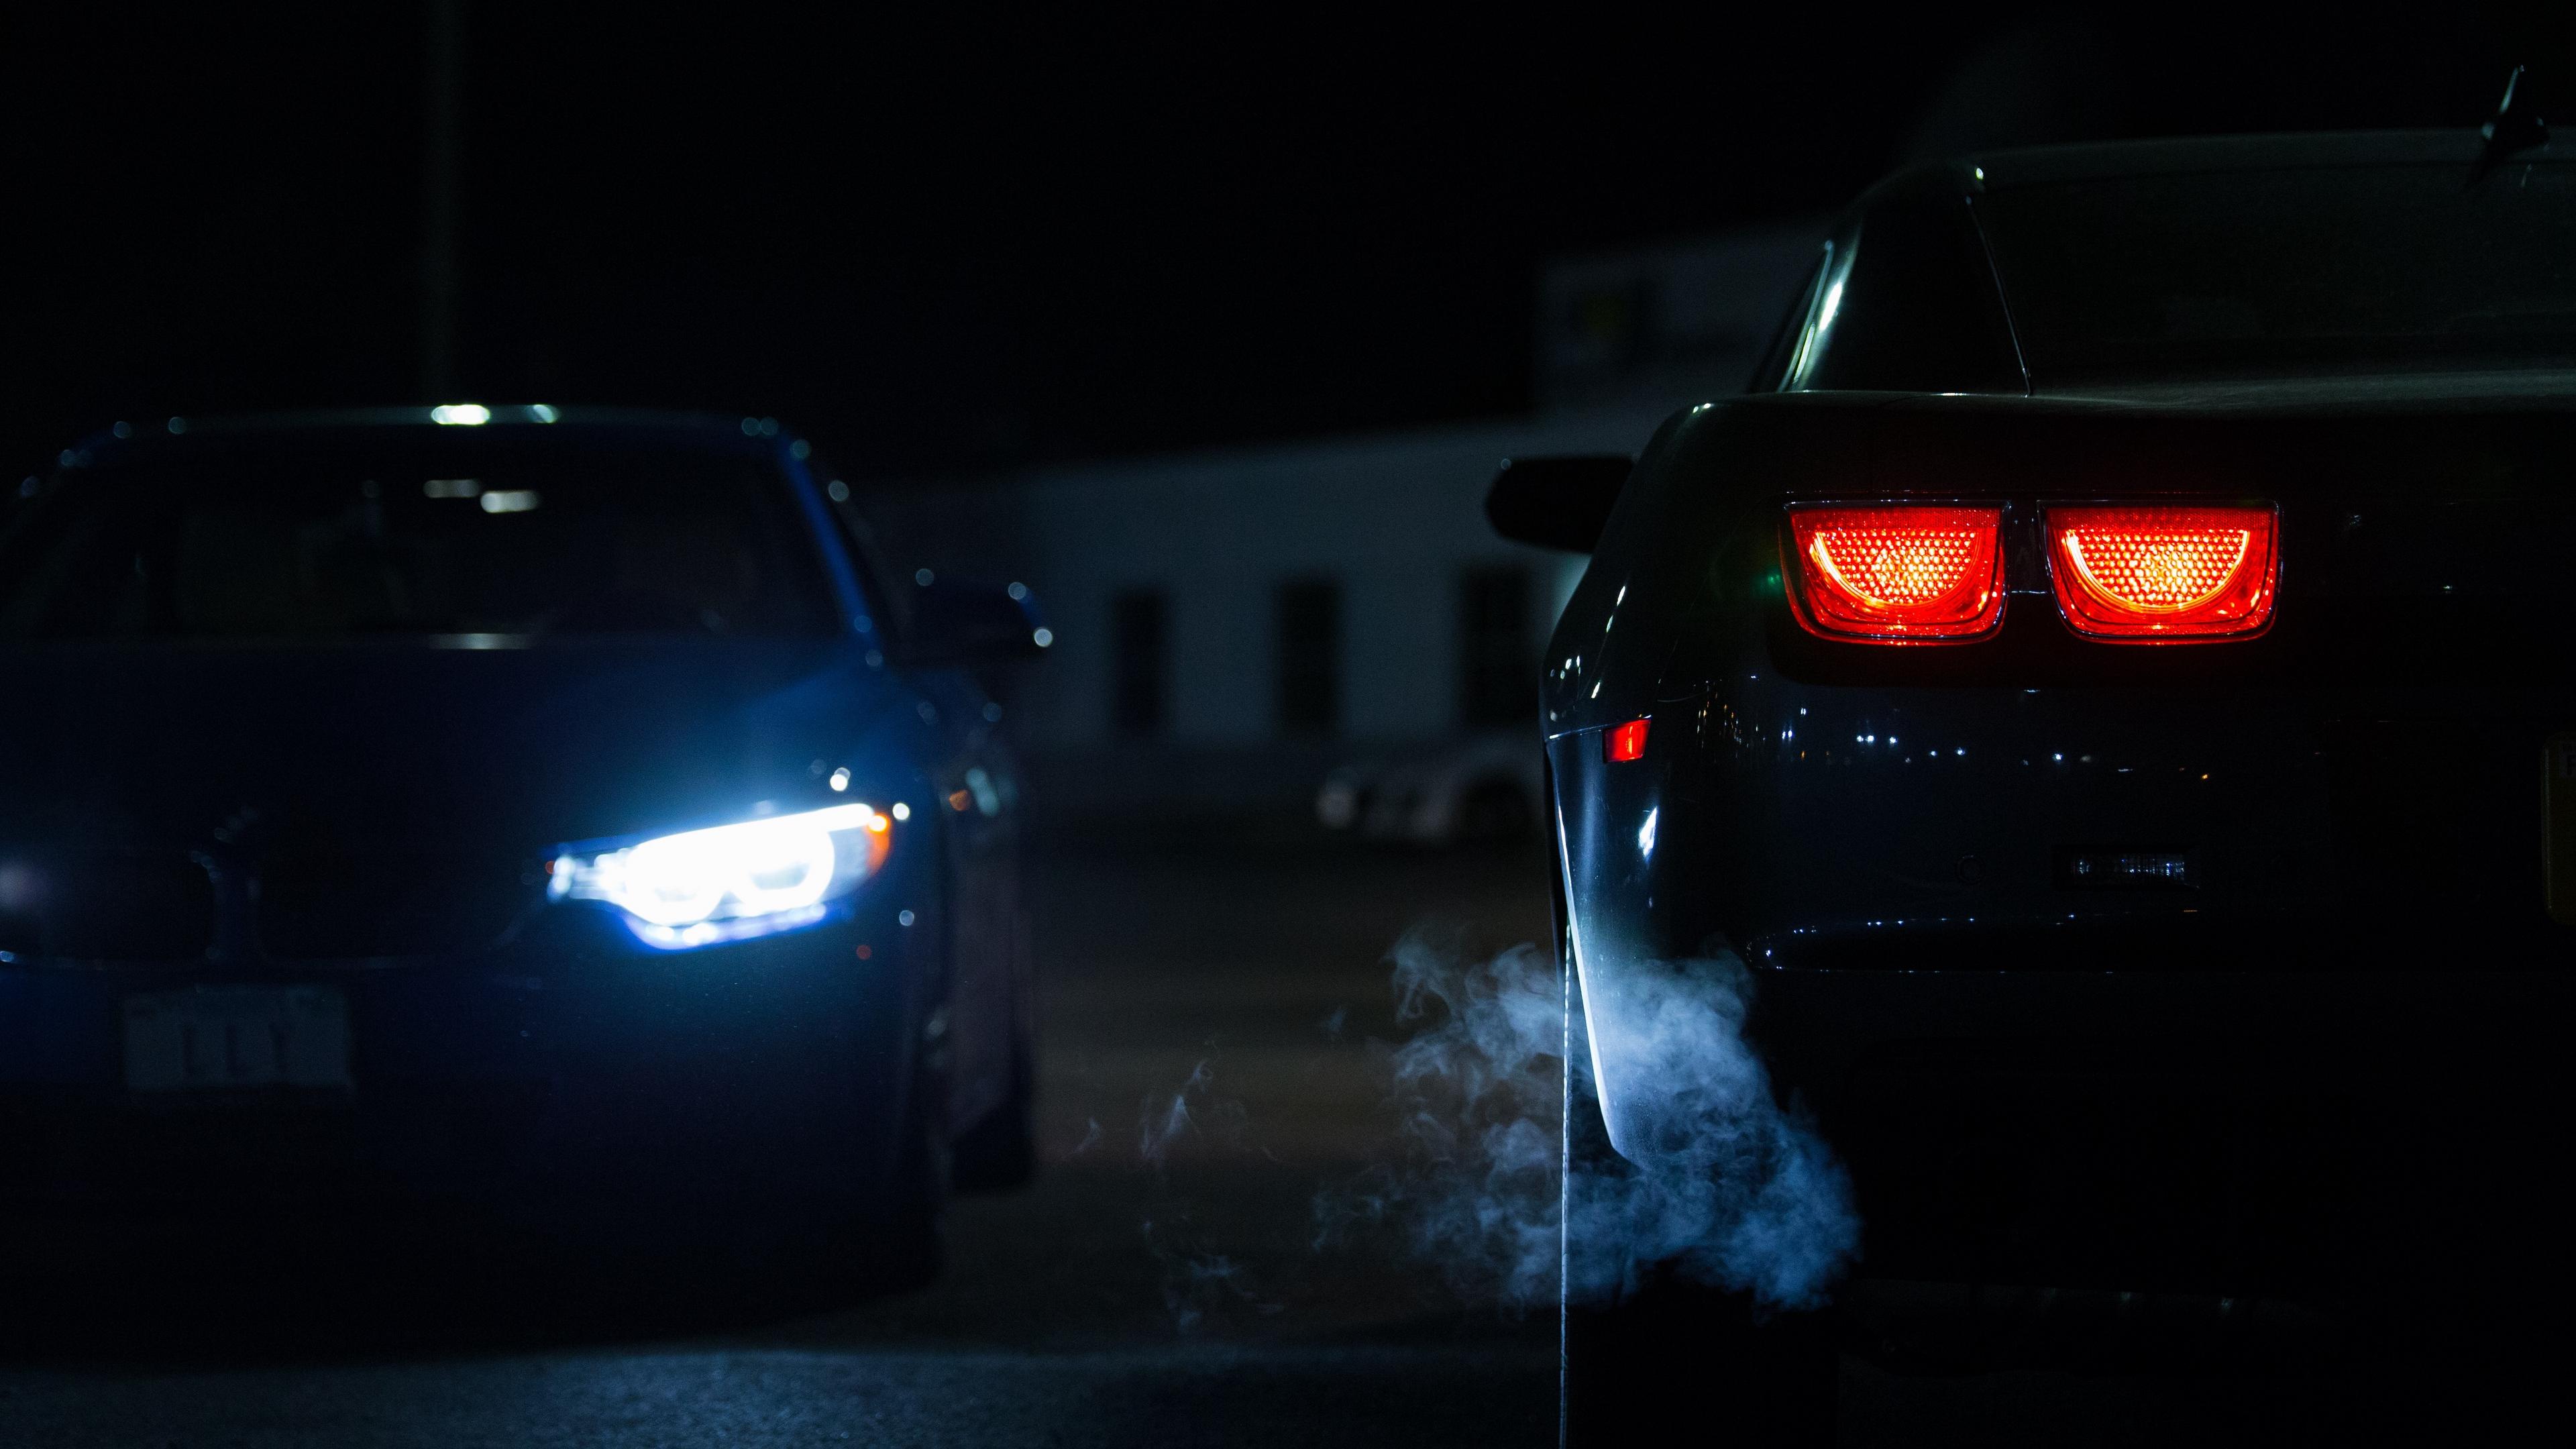 car lights night 4k 1538935521 - car, lights, night 4k - Night, Lights, Car